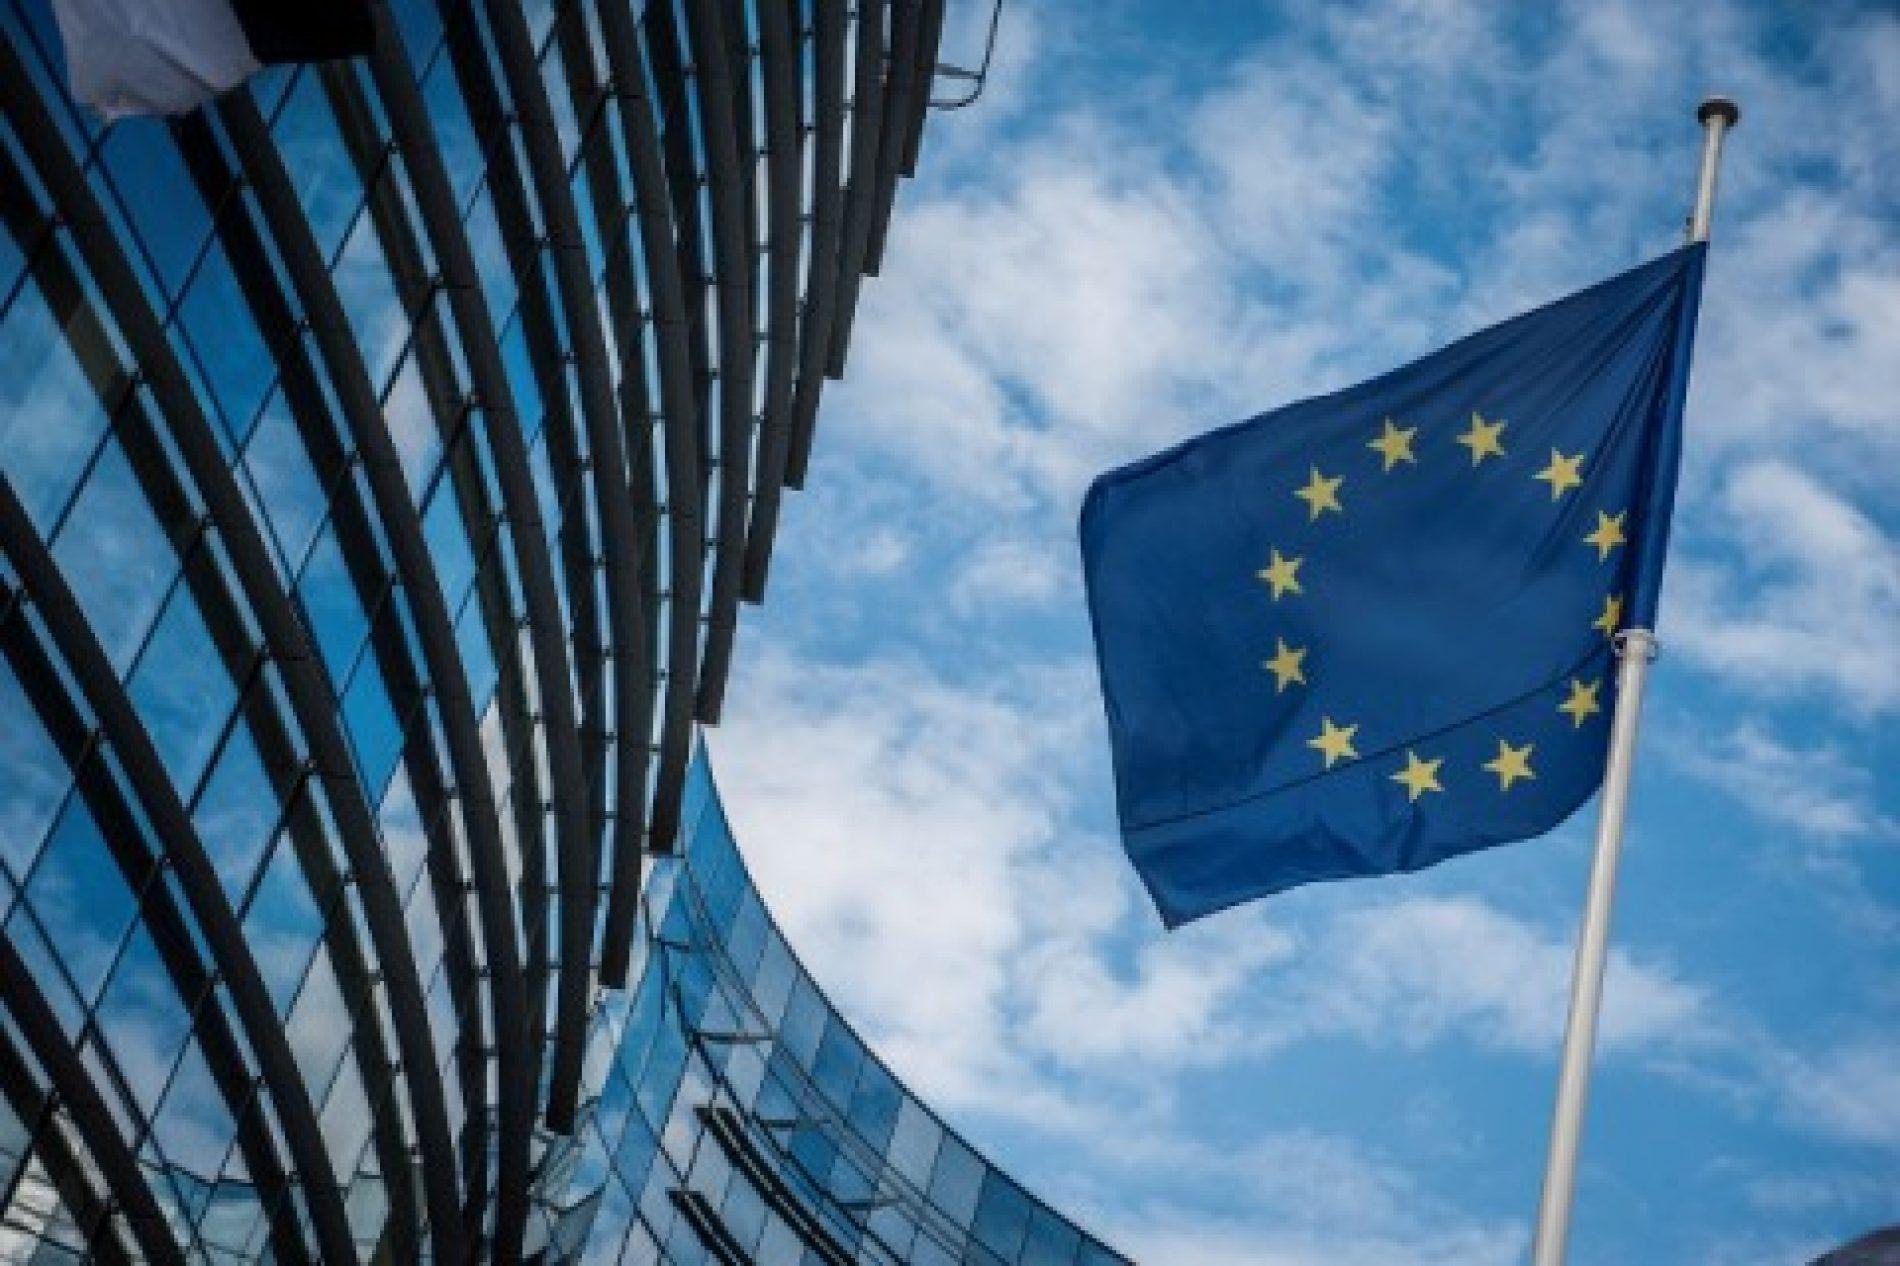 ANALIZË: Nëse nuk ka zgjidhje të krizës – BE-ja do ta kthejë goditjen!